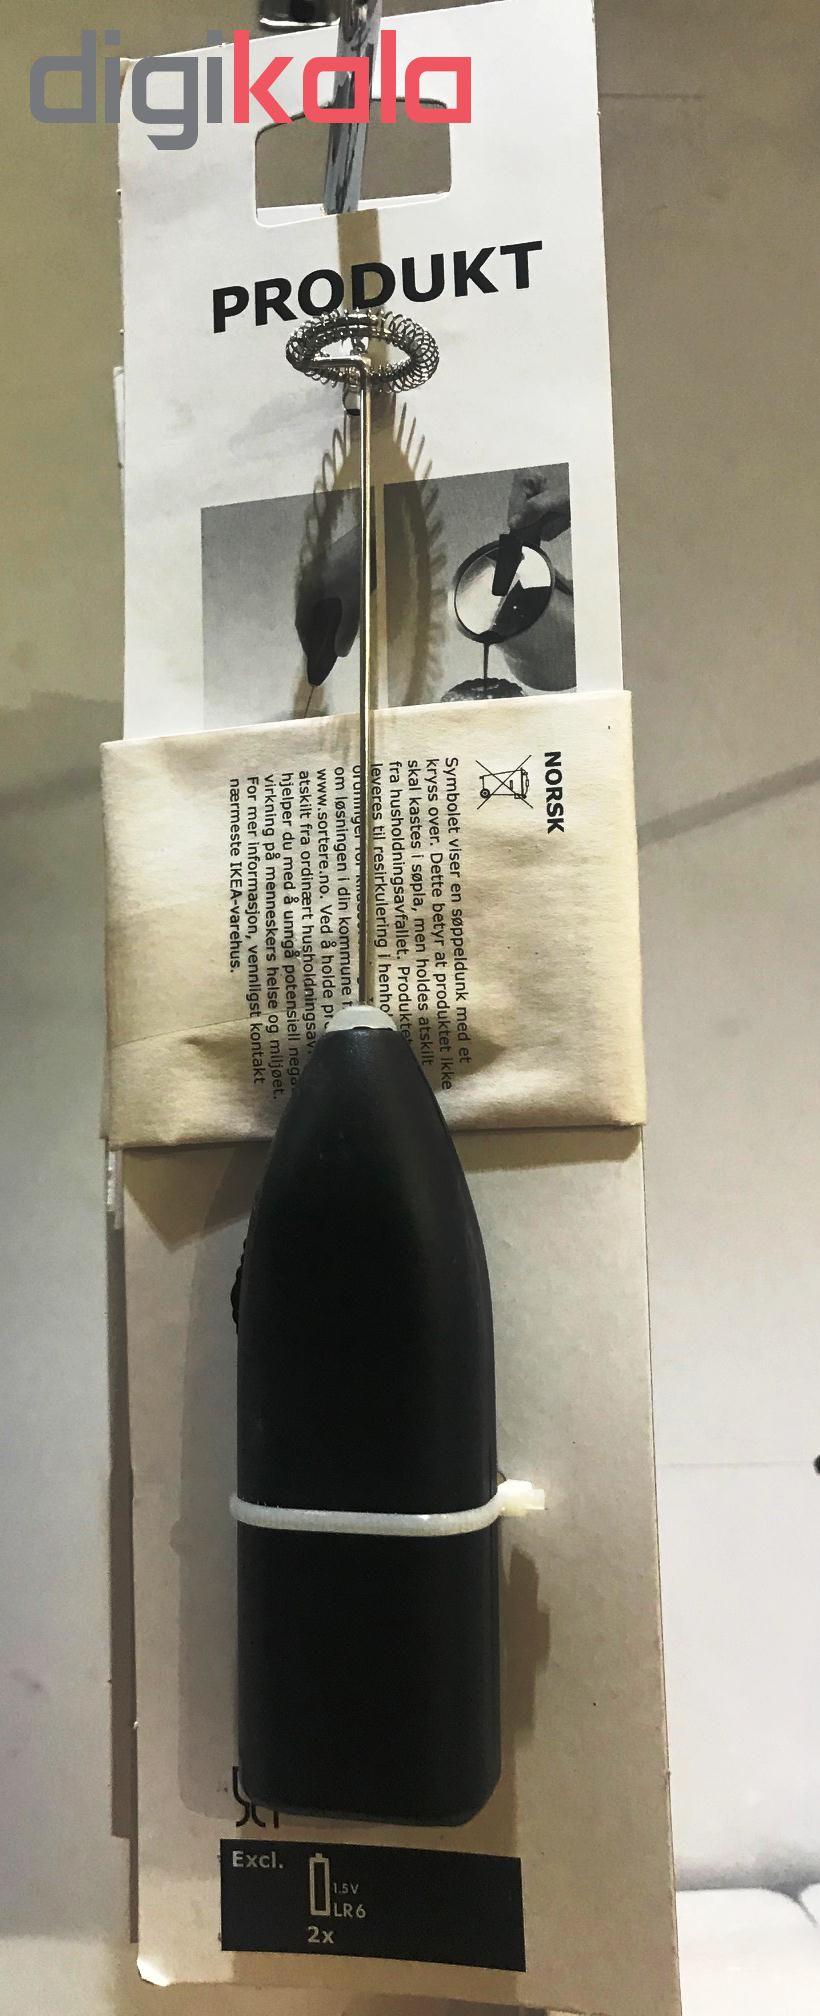 کف ساز شیر ایکیا مدل PRODUKT-ALKALISK main 1 4